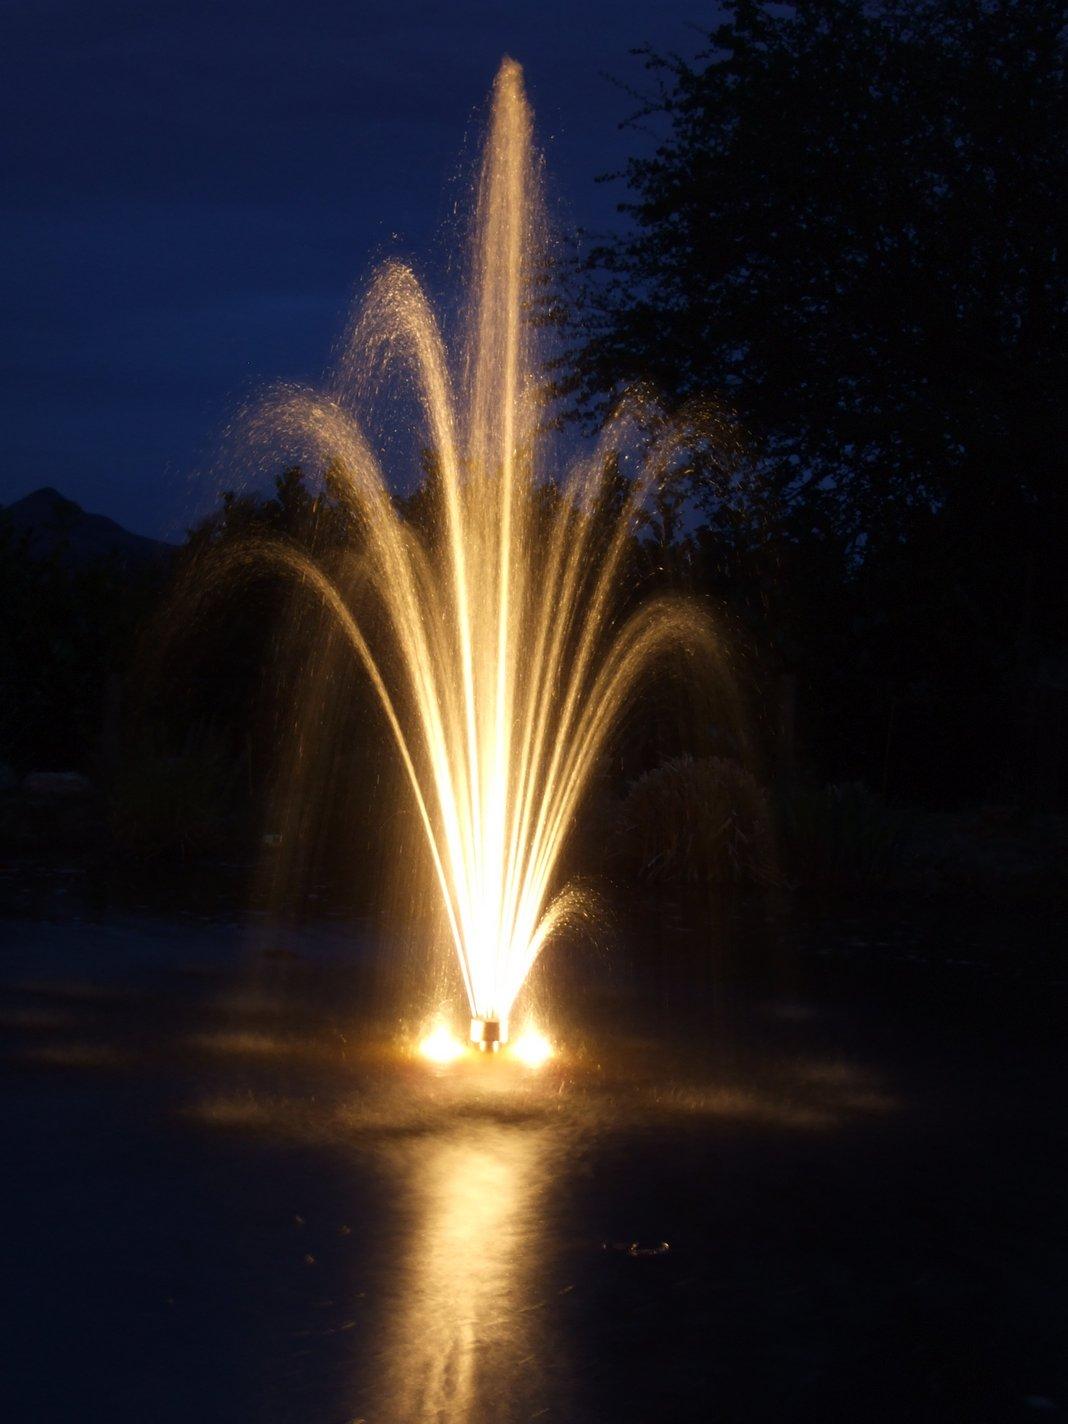 water features outdoor lighting gardens dublin ireland